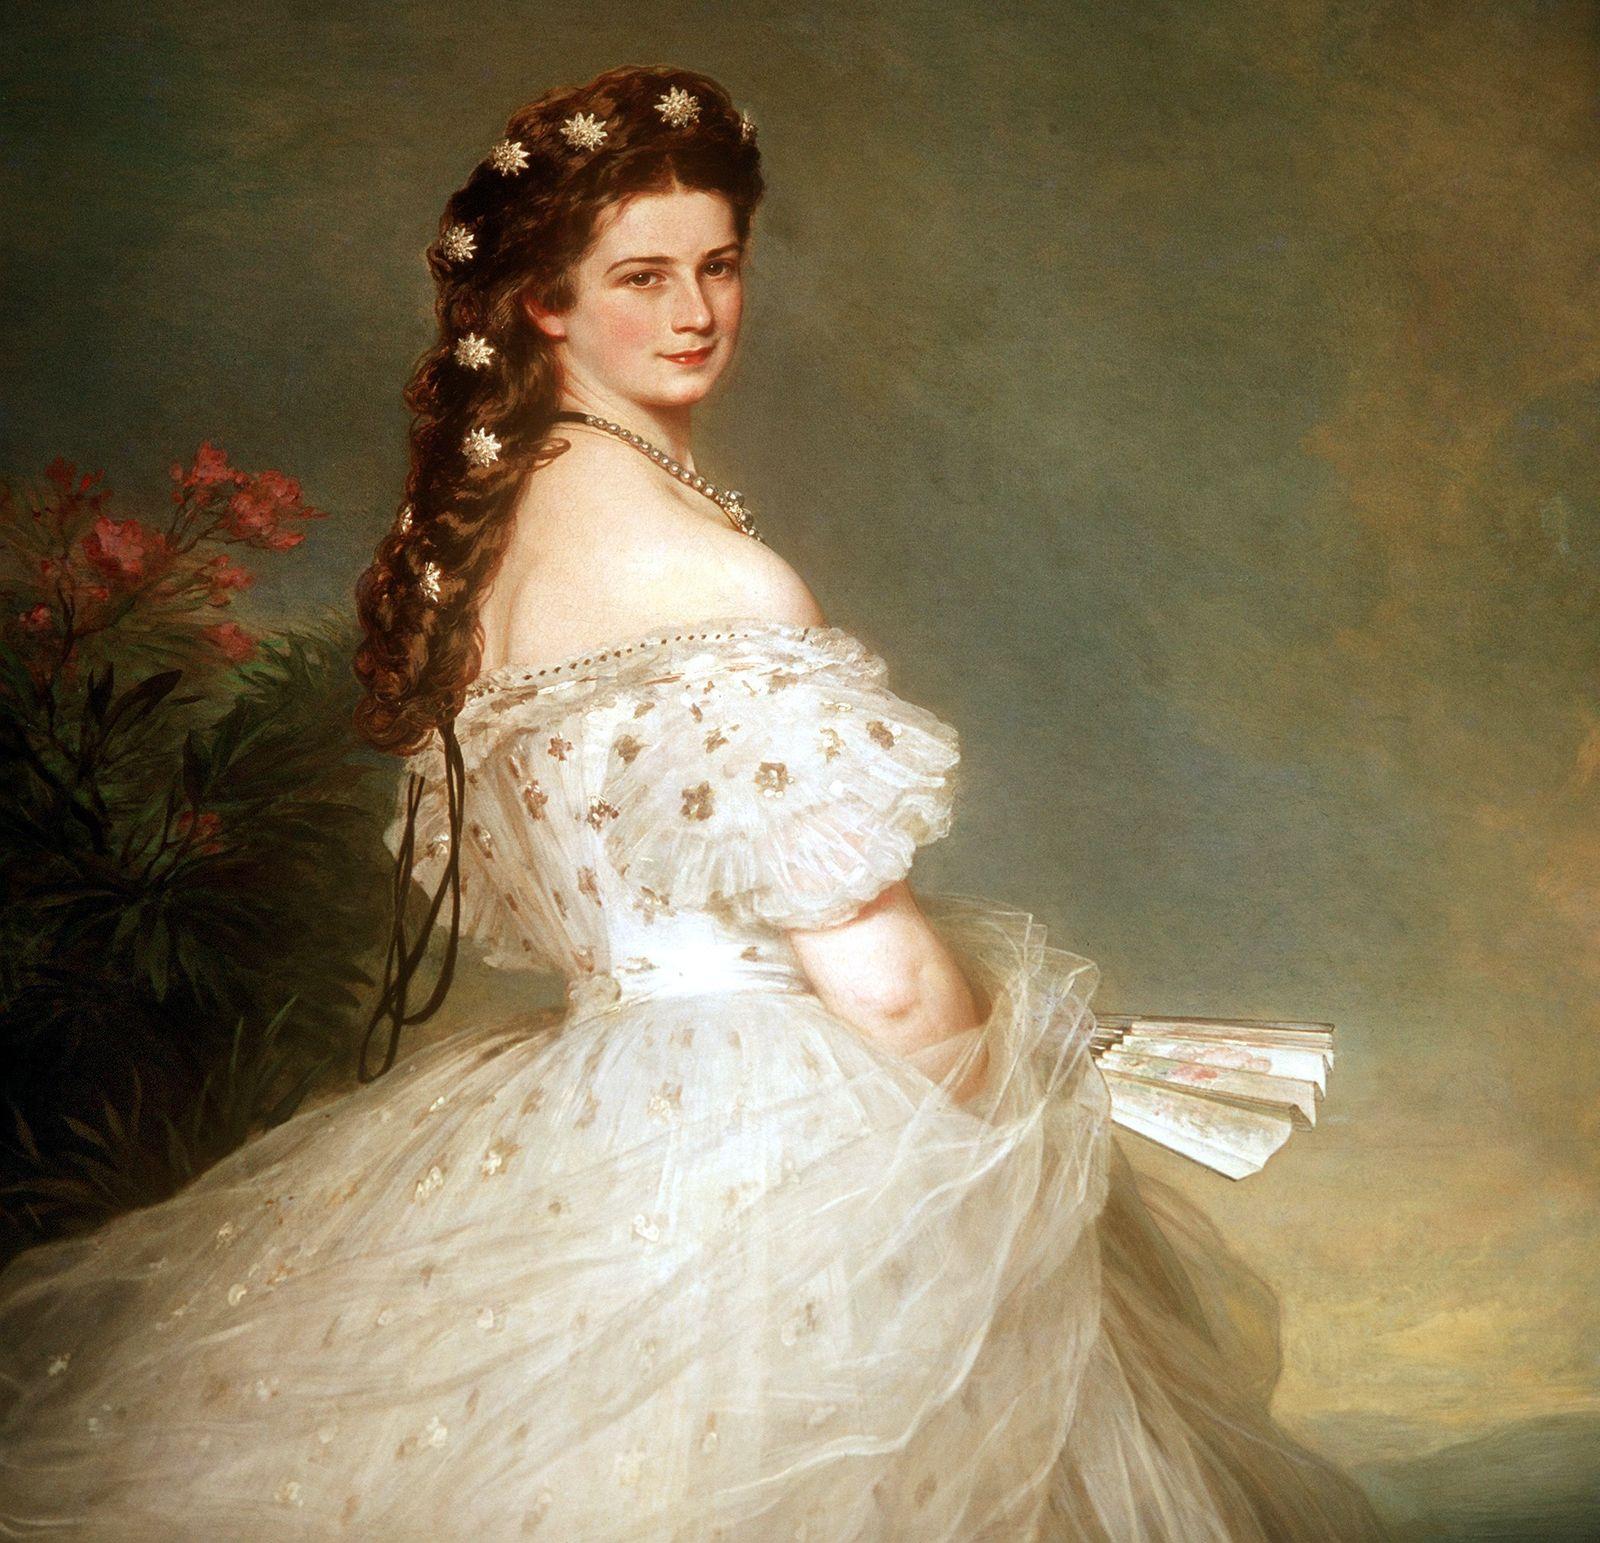 et - Elisabeth Kaiserin von Österreich Sissi / Sisi